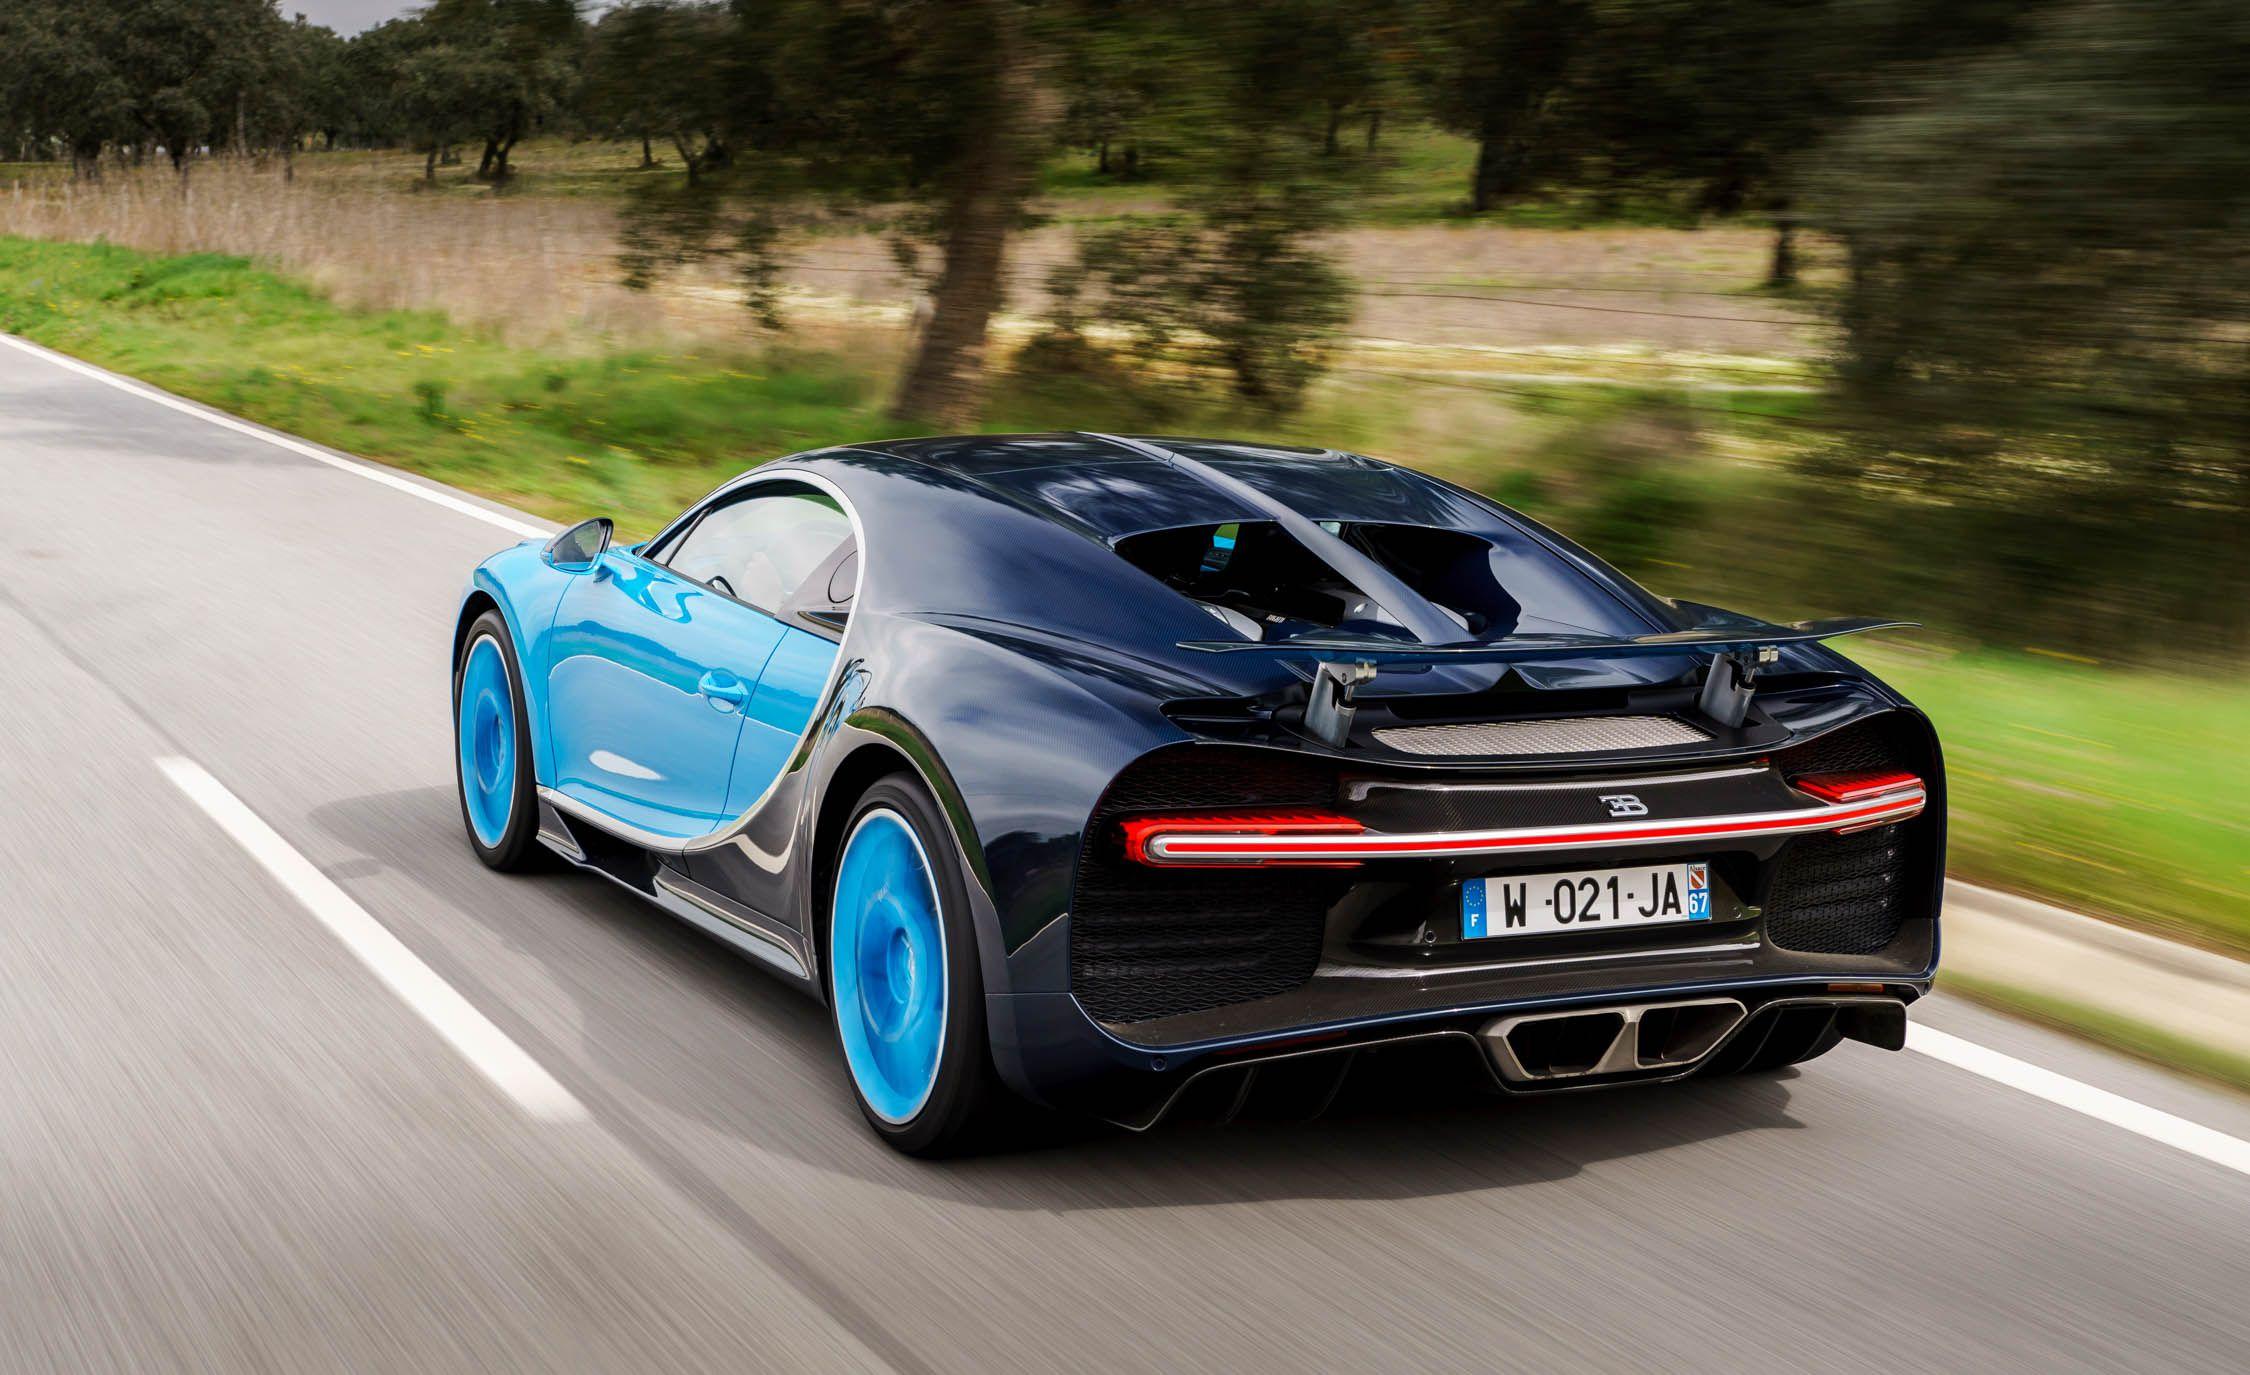 بالصور سيارة فخمه جدا , هذه هي السيارة الافخم على الاطلاق unnamed file 3